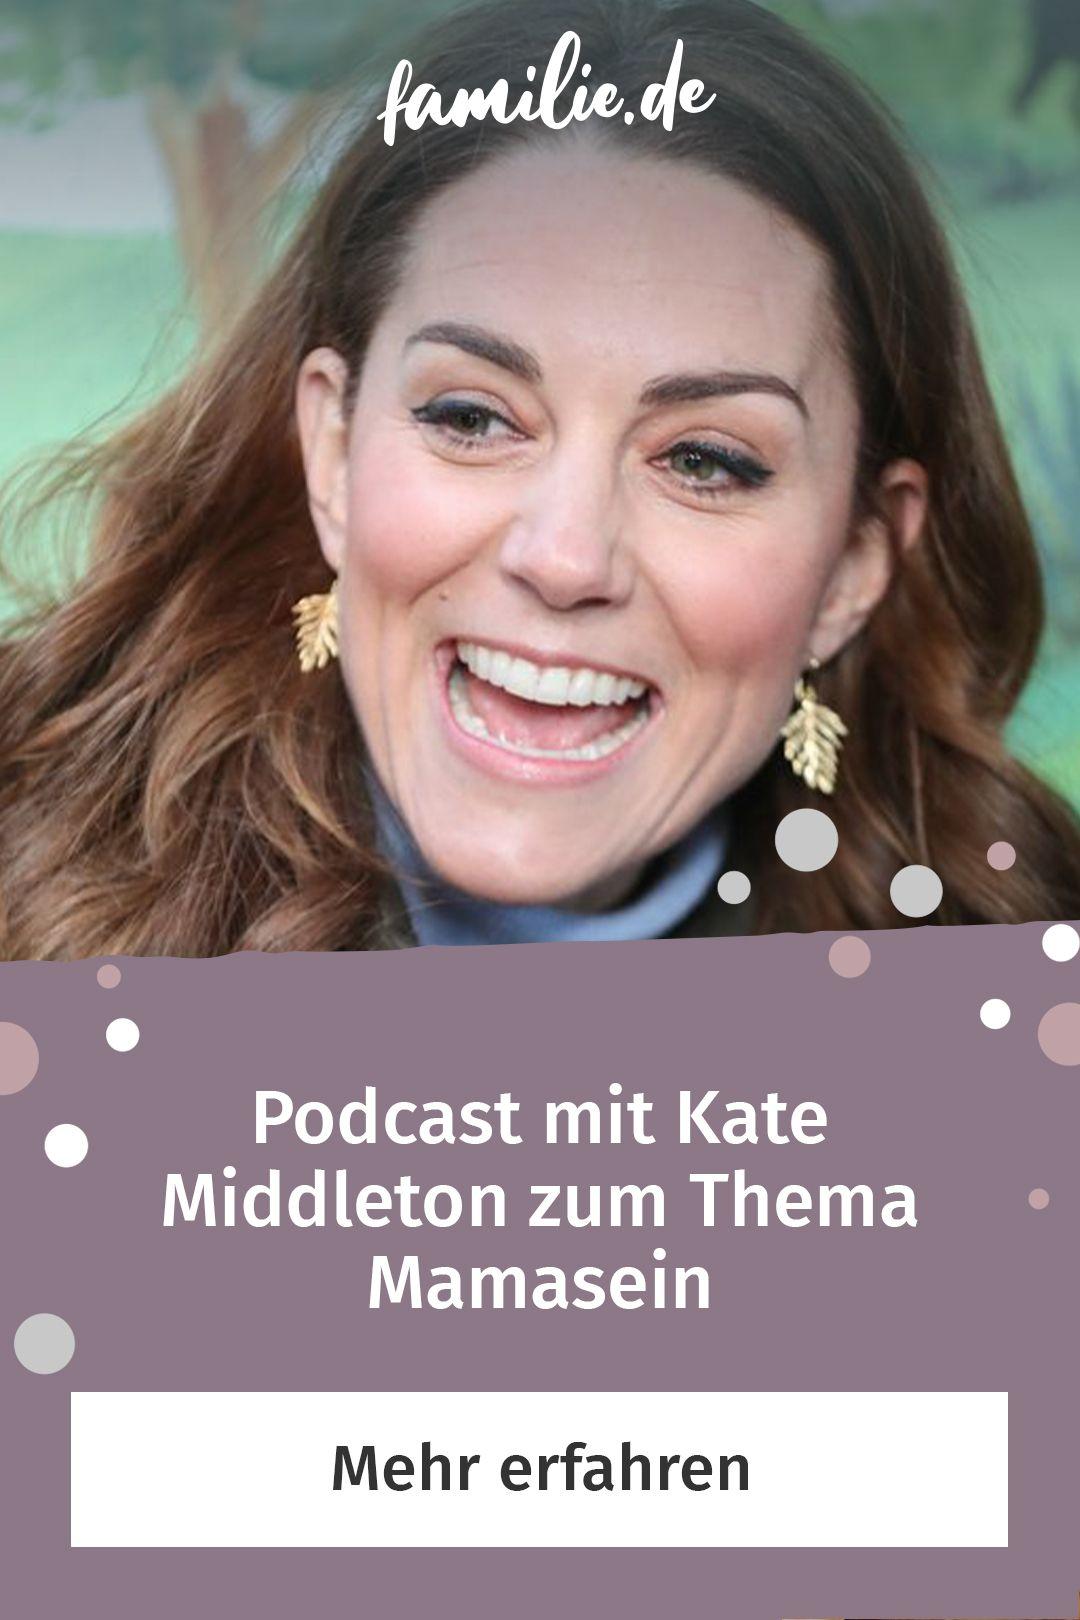 Podcast mit Kate Middleton alias zum Thema Mamasein